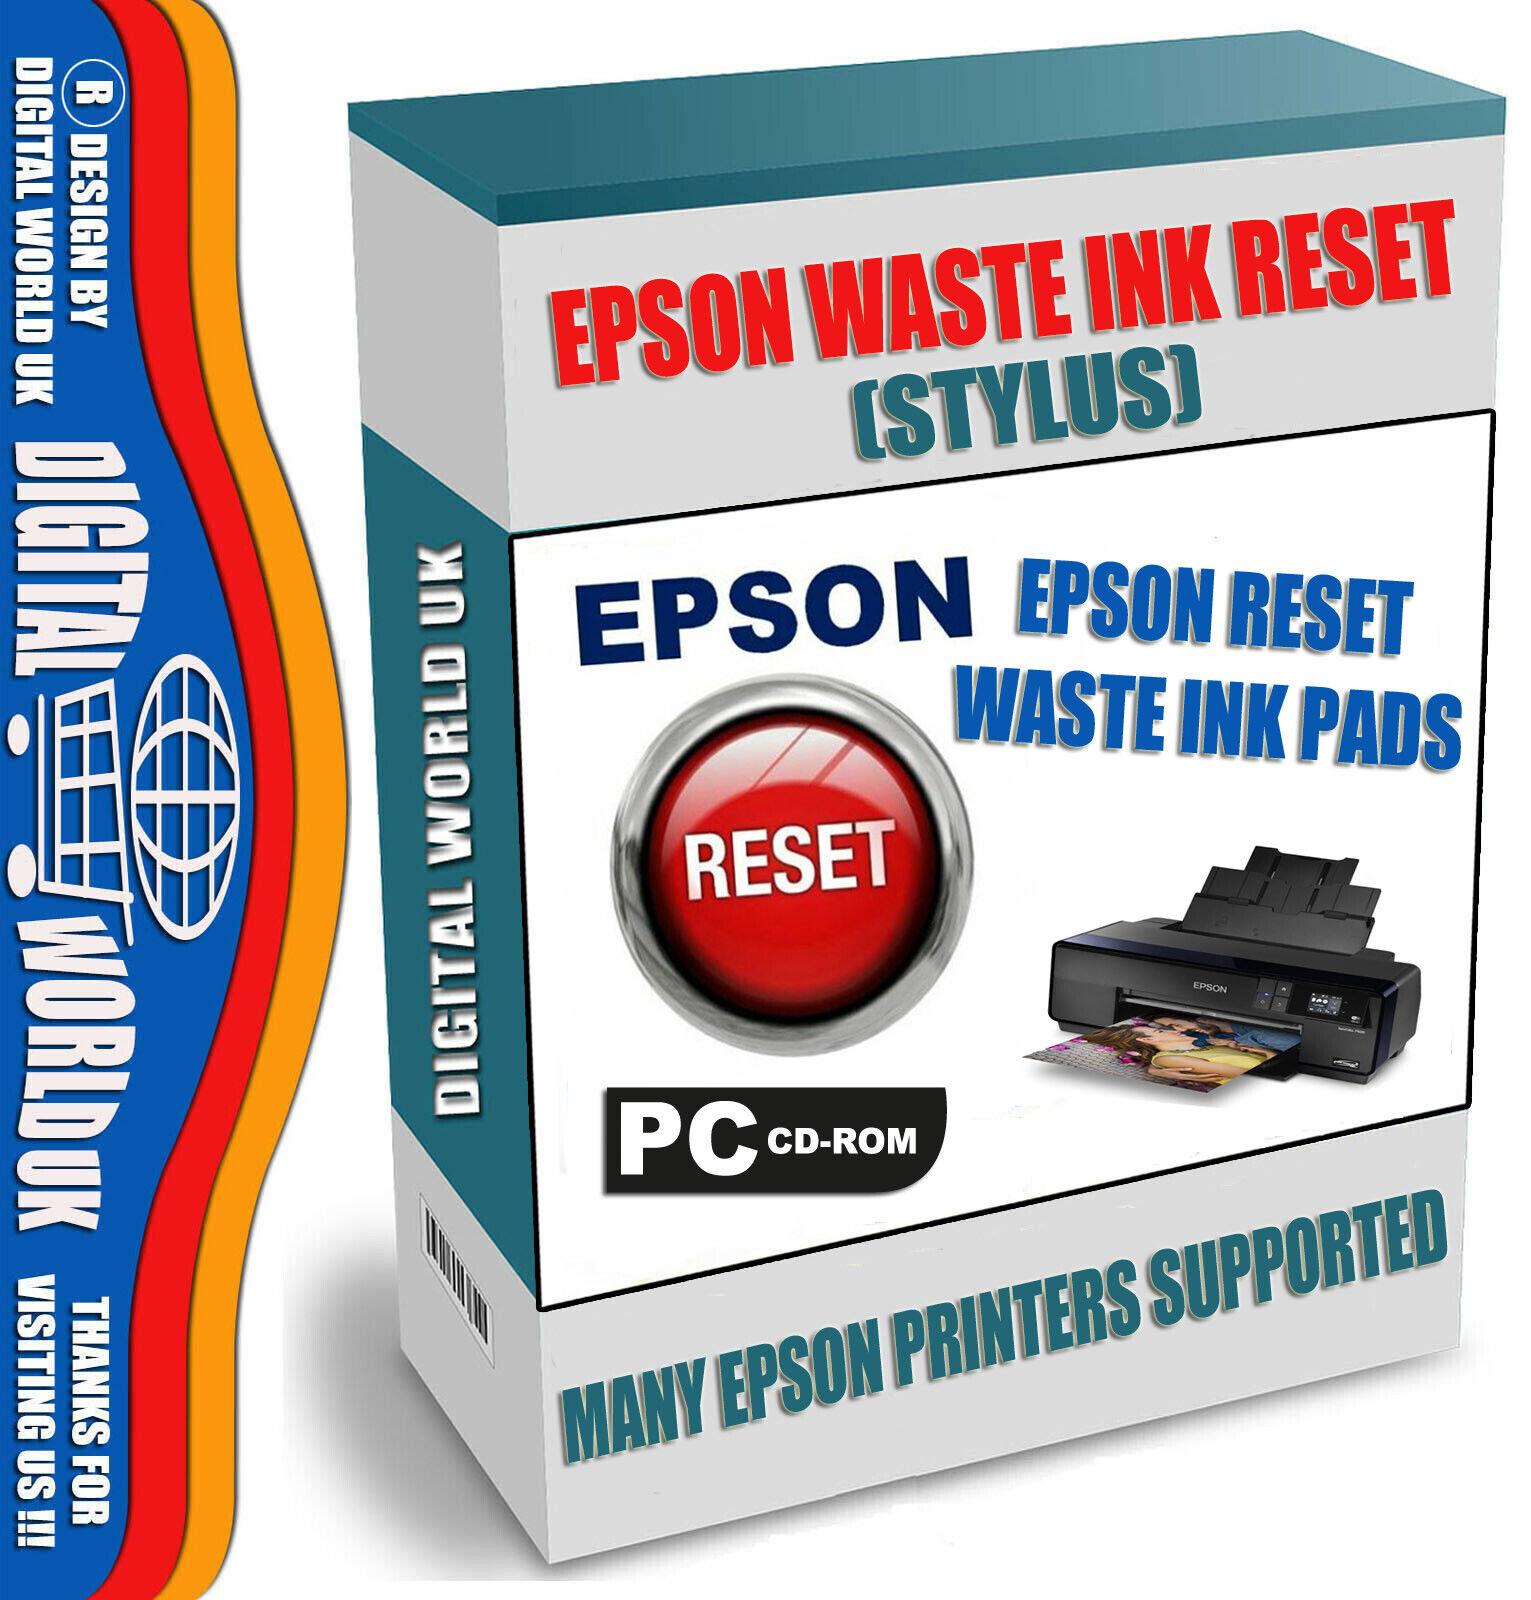 Epson R200 Reset